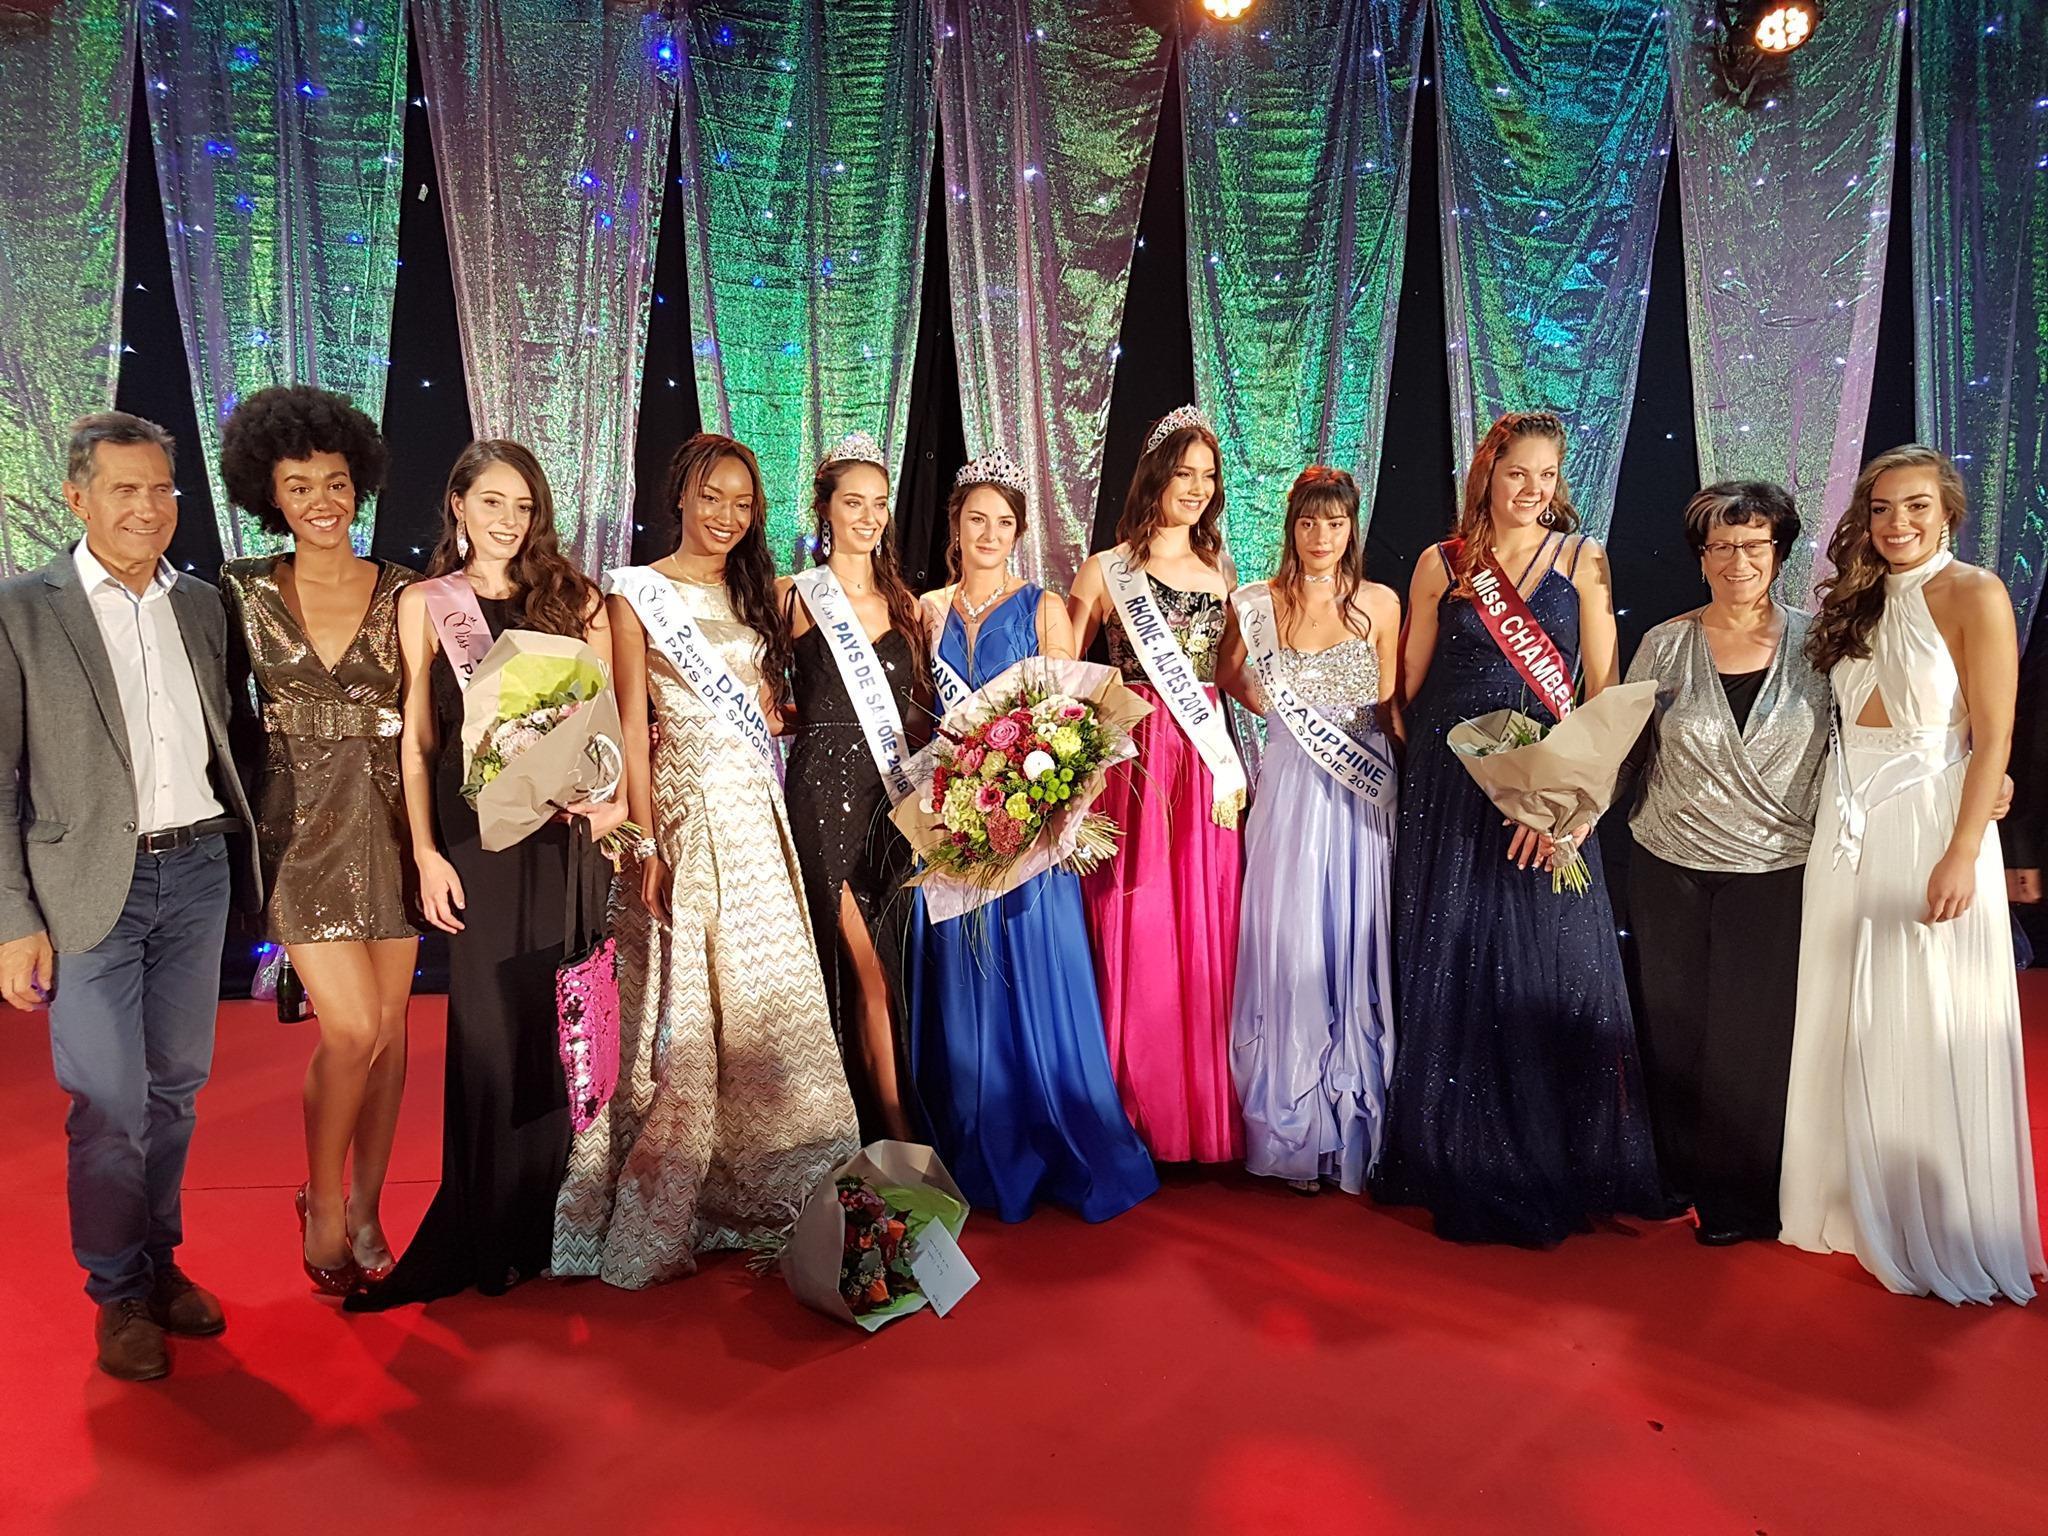 Dix candidates étaient en lice pour l'élection de Miss Pays de Sabvoie 2019, dimanche 29 septembre 2019. (photo Facebook / Comité Miss Pays de Savoie)